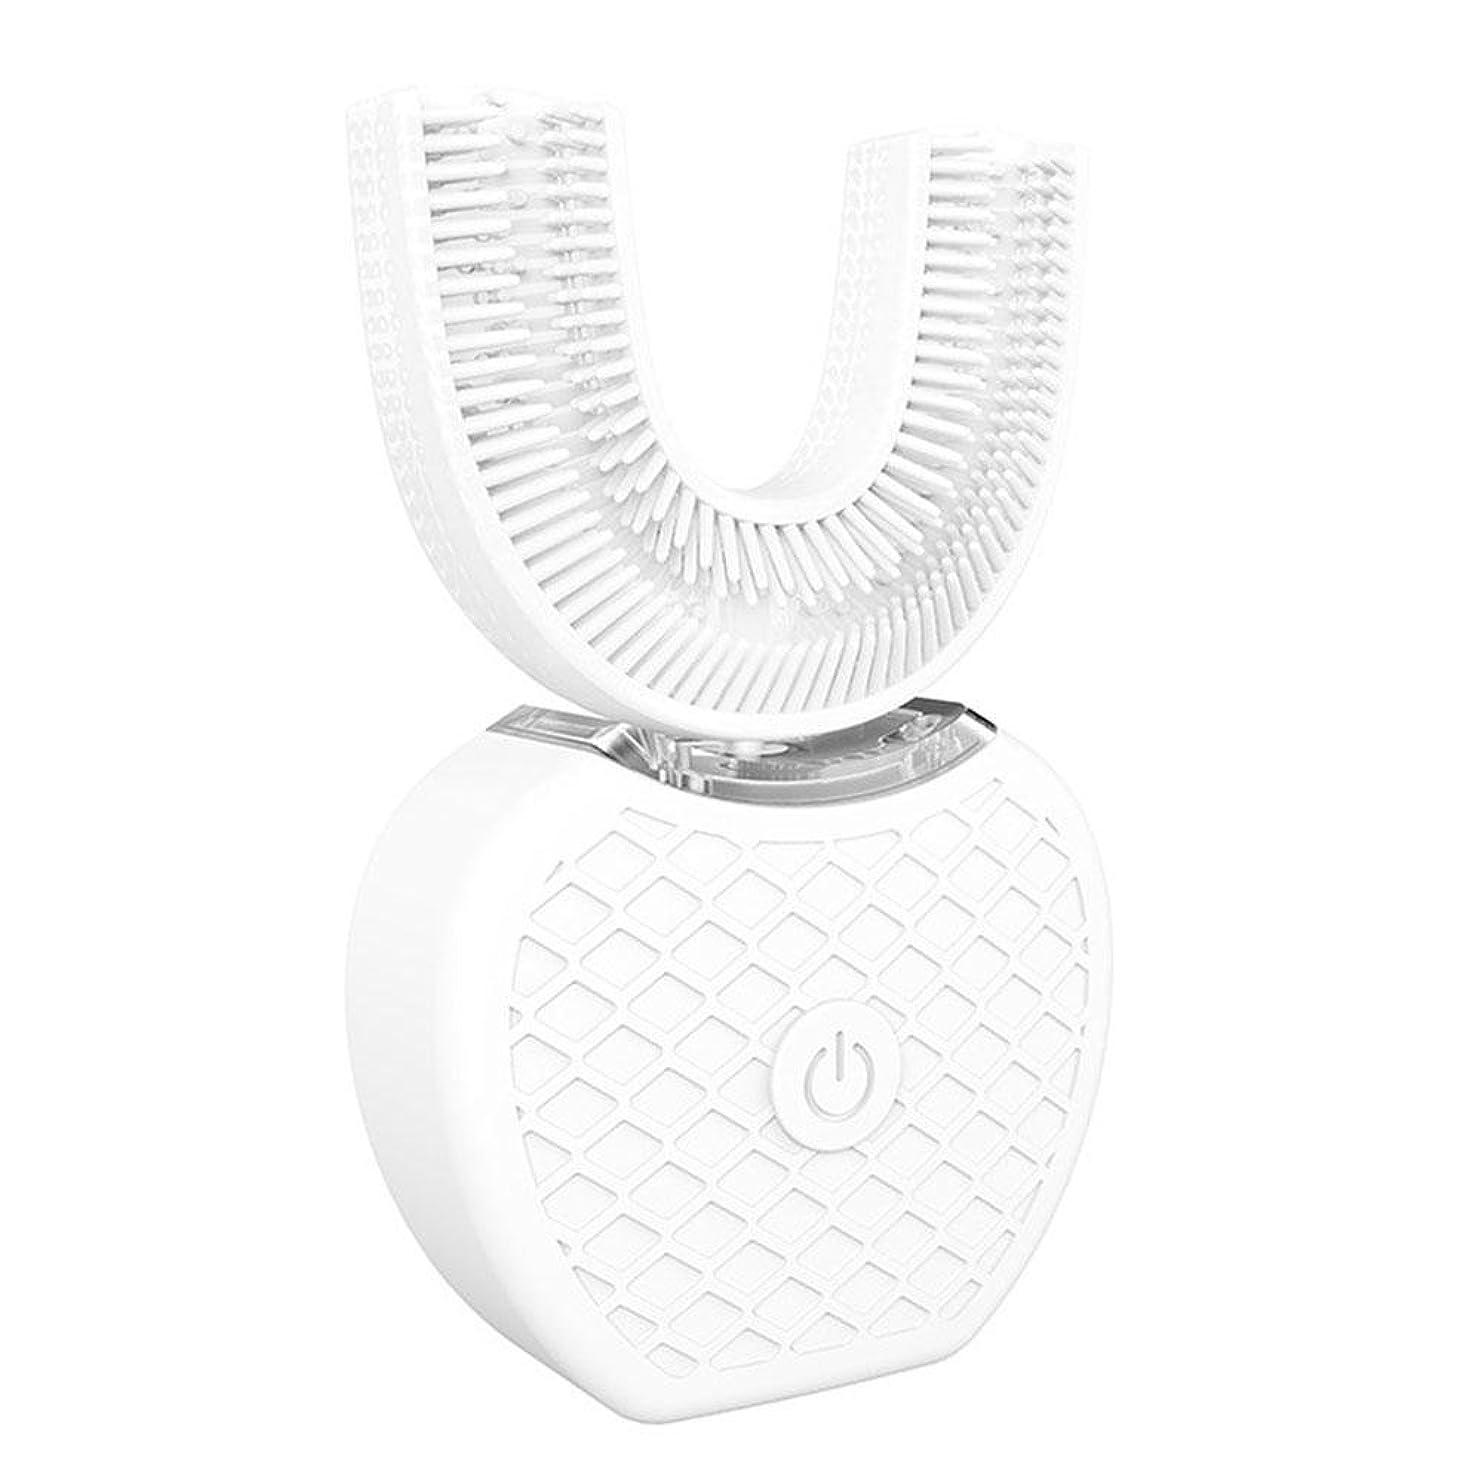 コマンド結紮組み立てる電動歯ブラシ 電動はぶらし 自動式 音波振動歯ブラシ 超音波歯ブラシ 口腔洗浄器 清潔/マッサージ/ホワイトニング機能付 U型電動歯ぶらし ソニック振動ハブラシ ワイヤレス充電